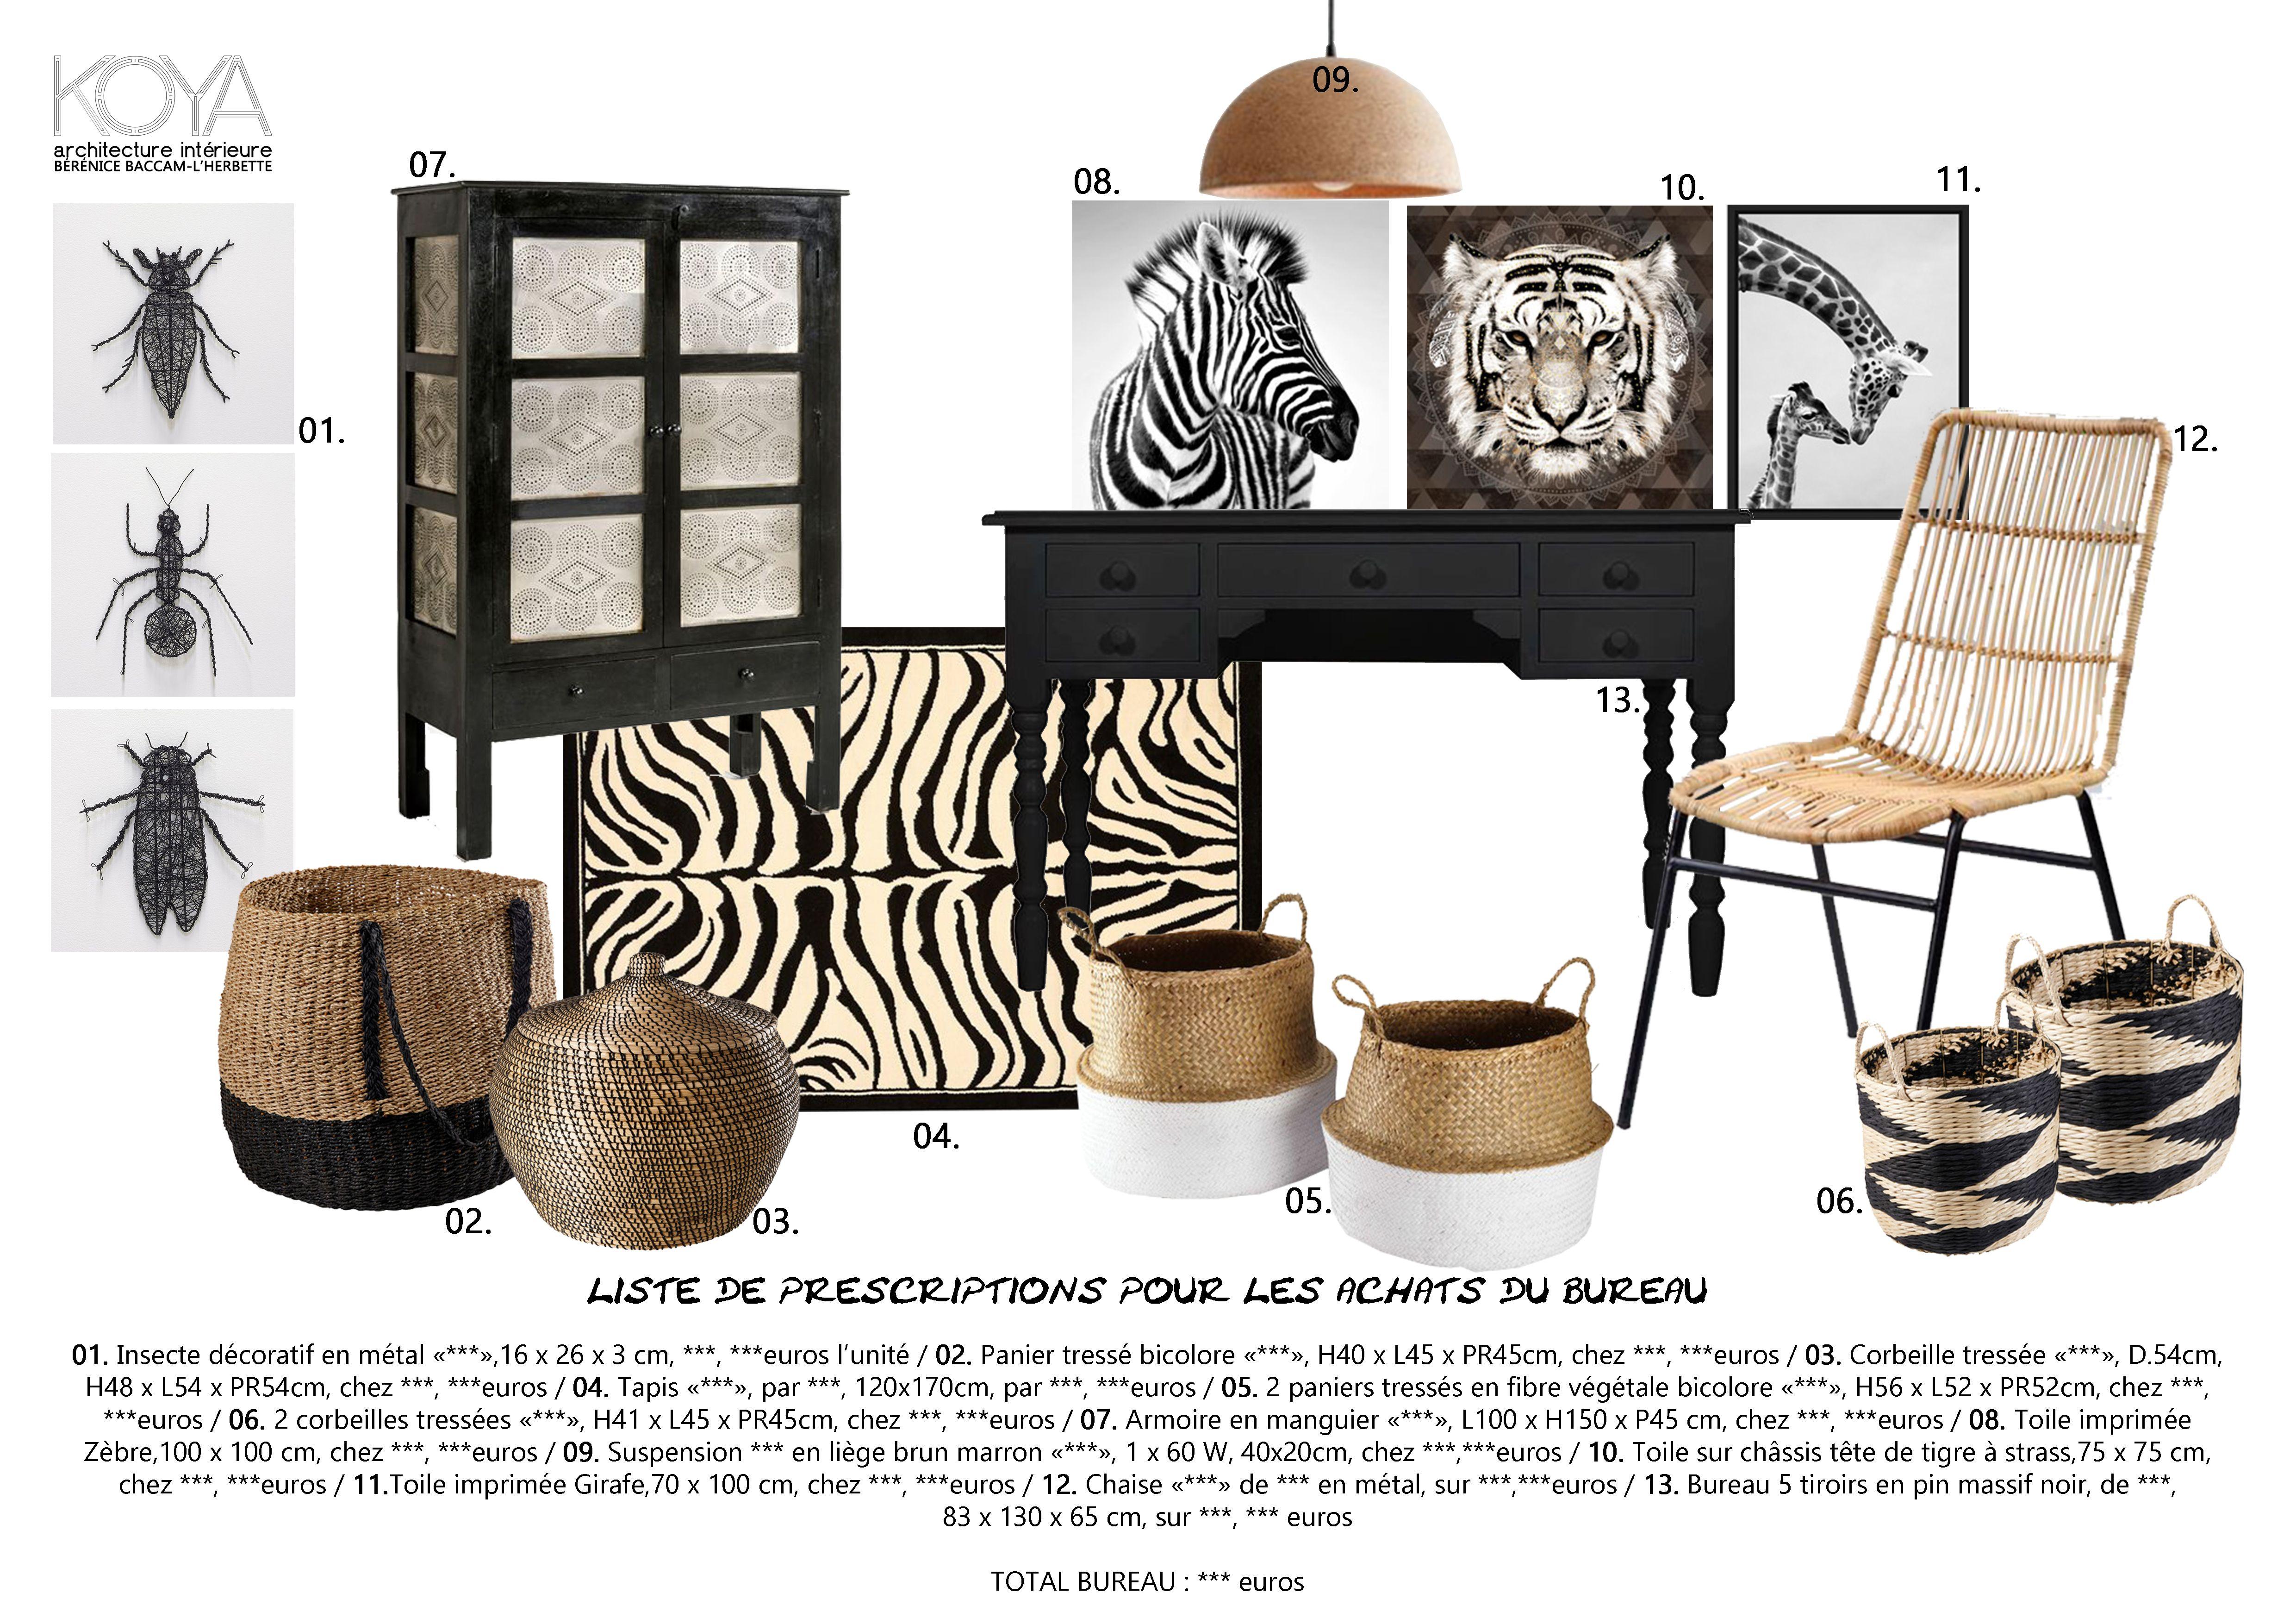 liste d 39 achats planche shopping pour un bureau la d coration ethnique chic bureaux de koya. Black Bedroom Furniture Sets. Home Design Ideas